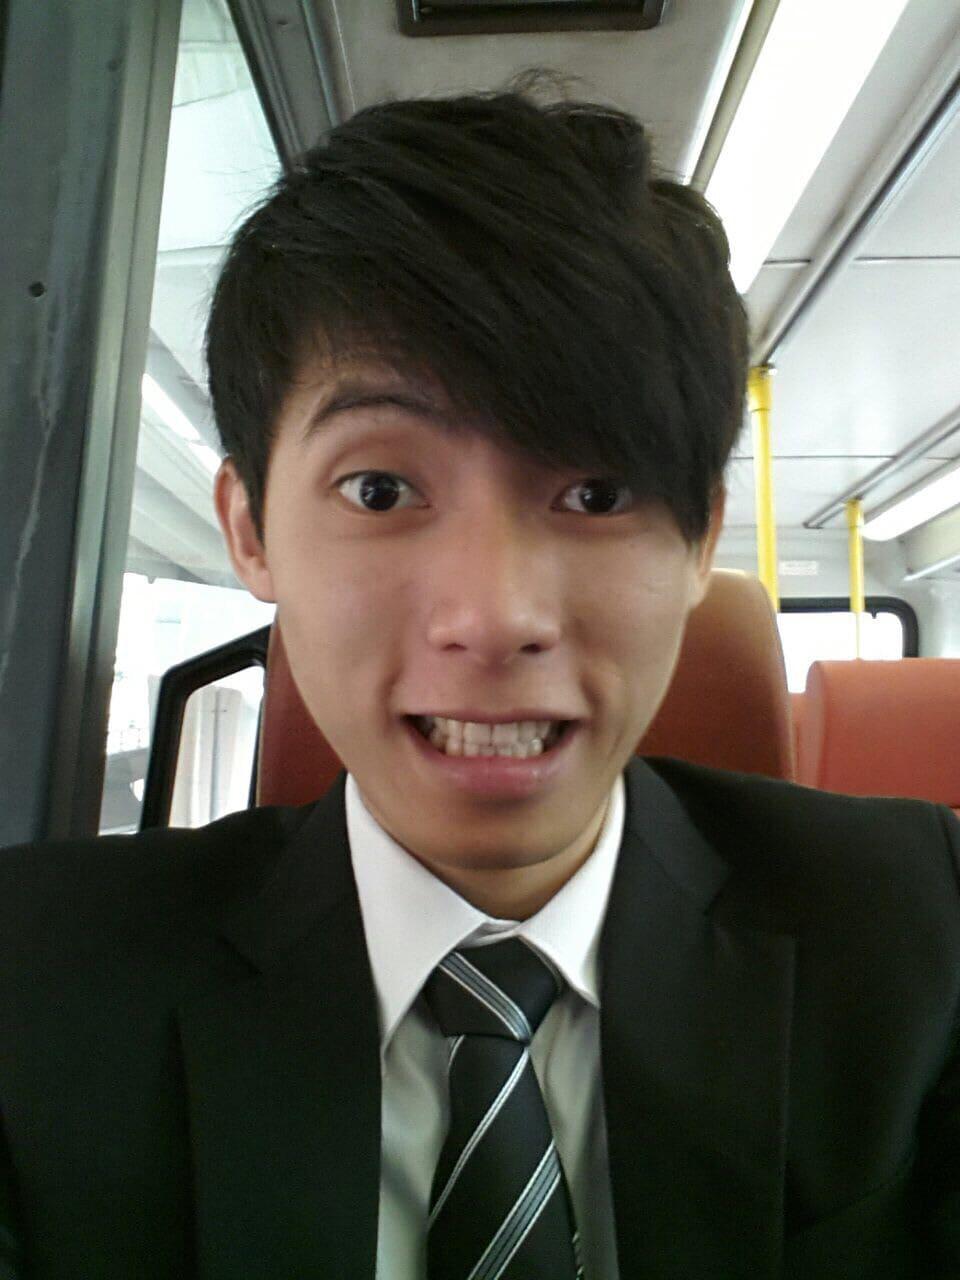 Travis from Hong Kong